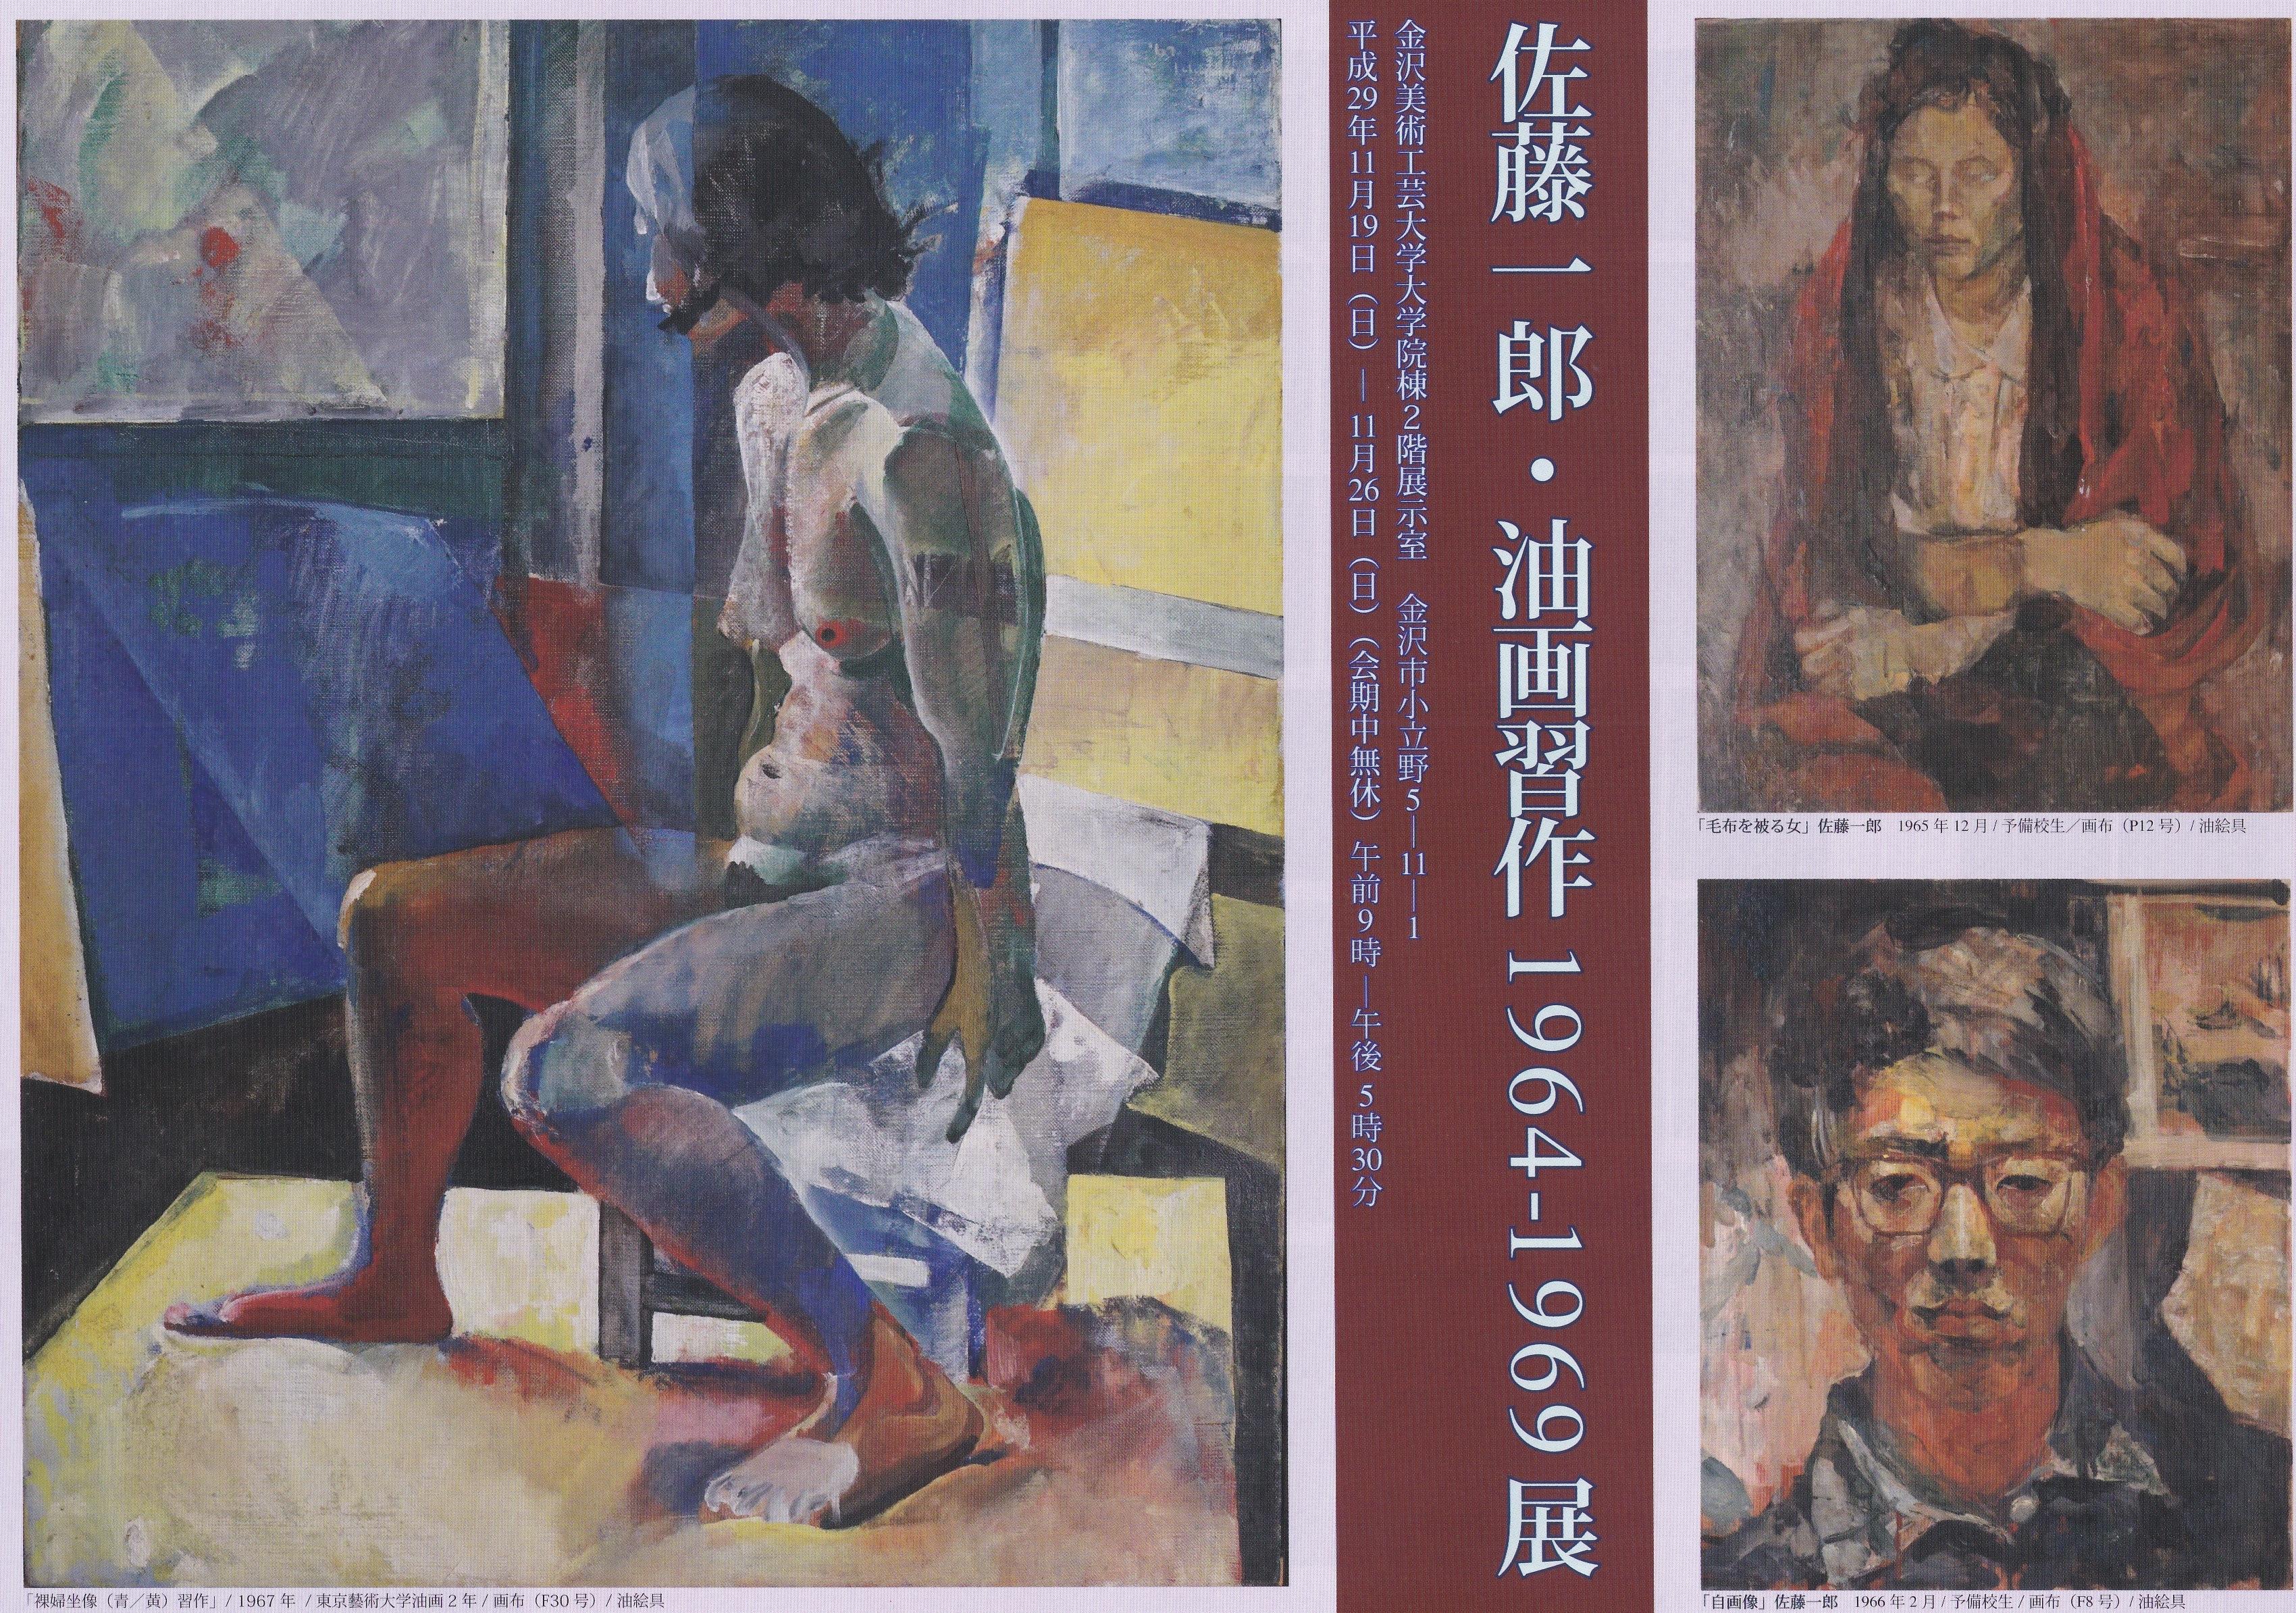 佐藤一郎・油画習作1964〜1969